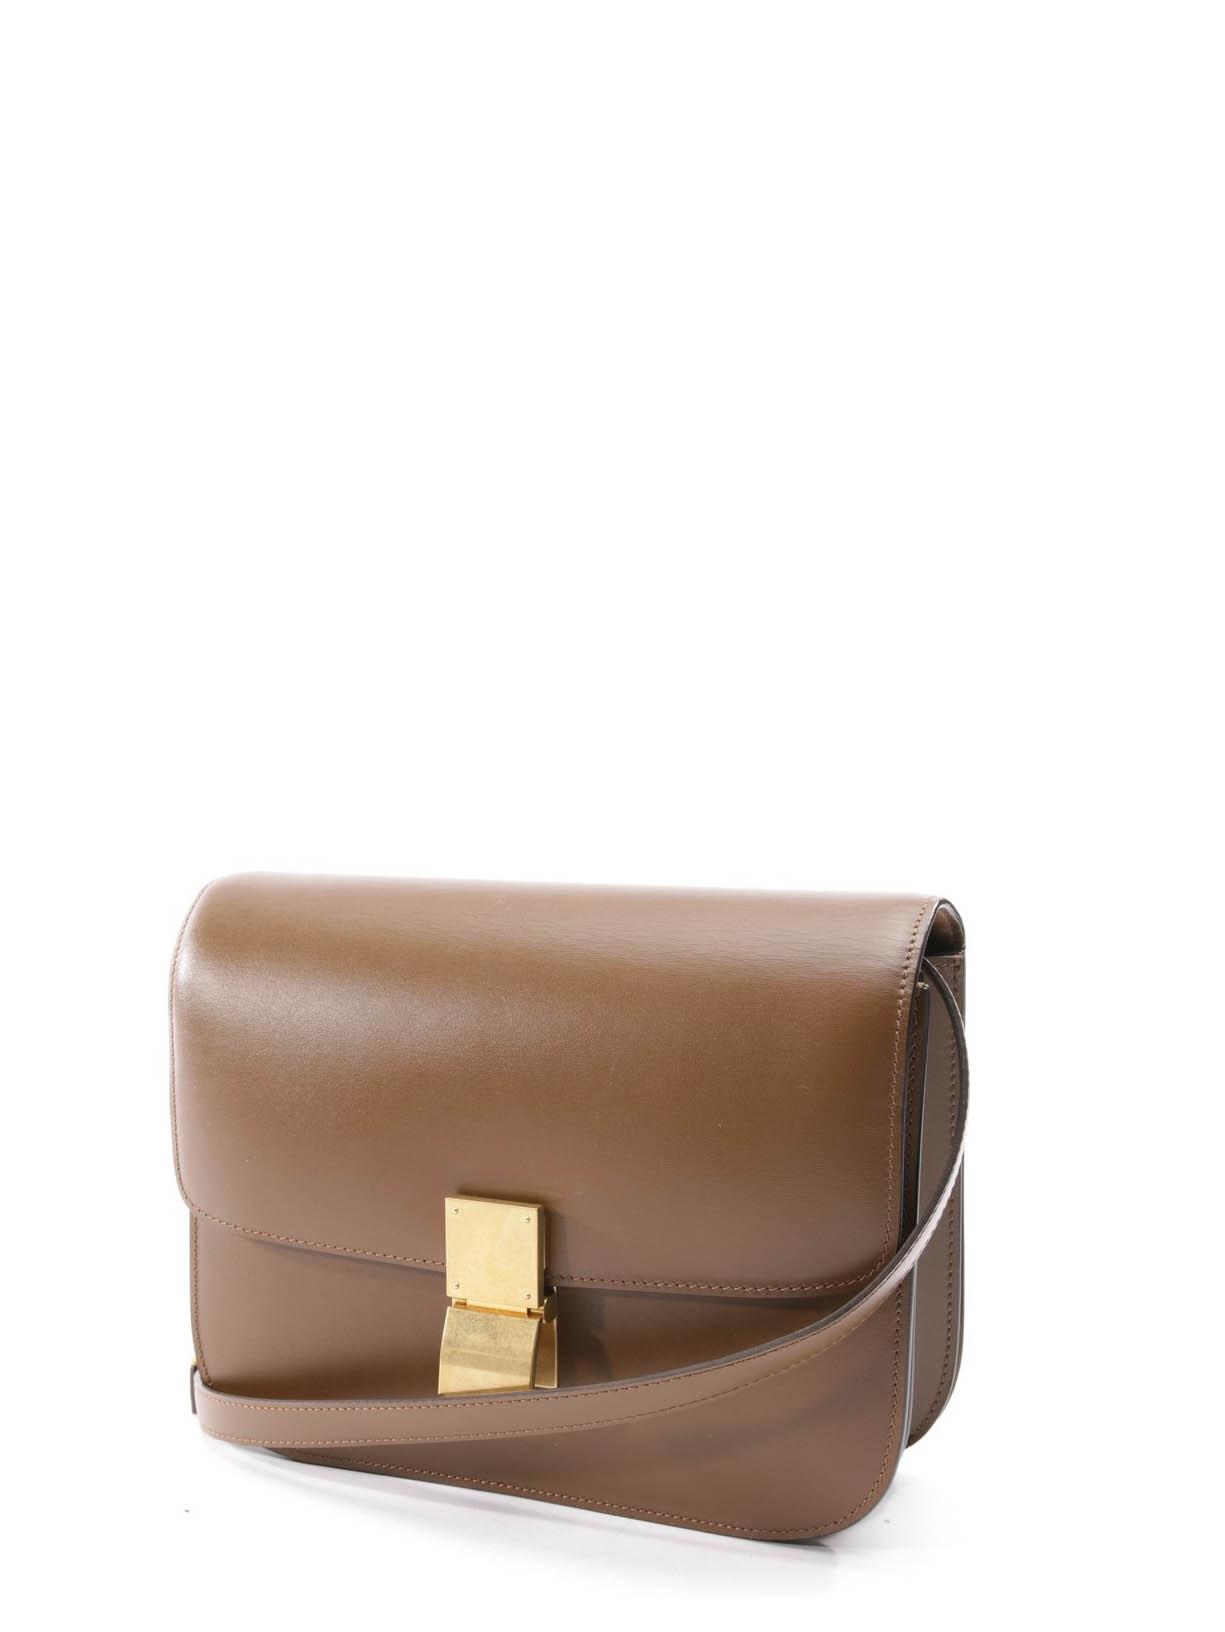 d2fd39a8a5 CELINE Sac à main classic moyen modèle en cuir box camel Prix boutique  3100€ ...